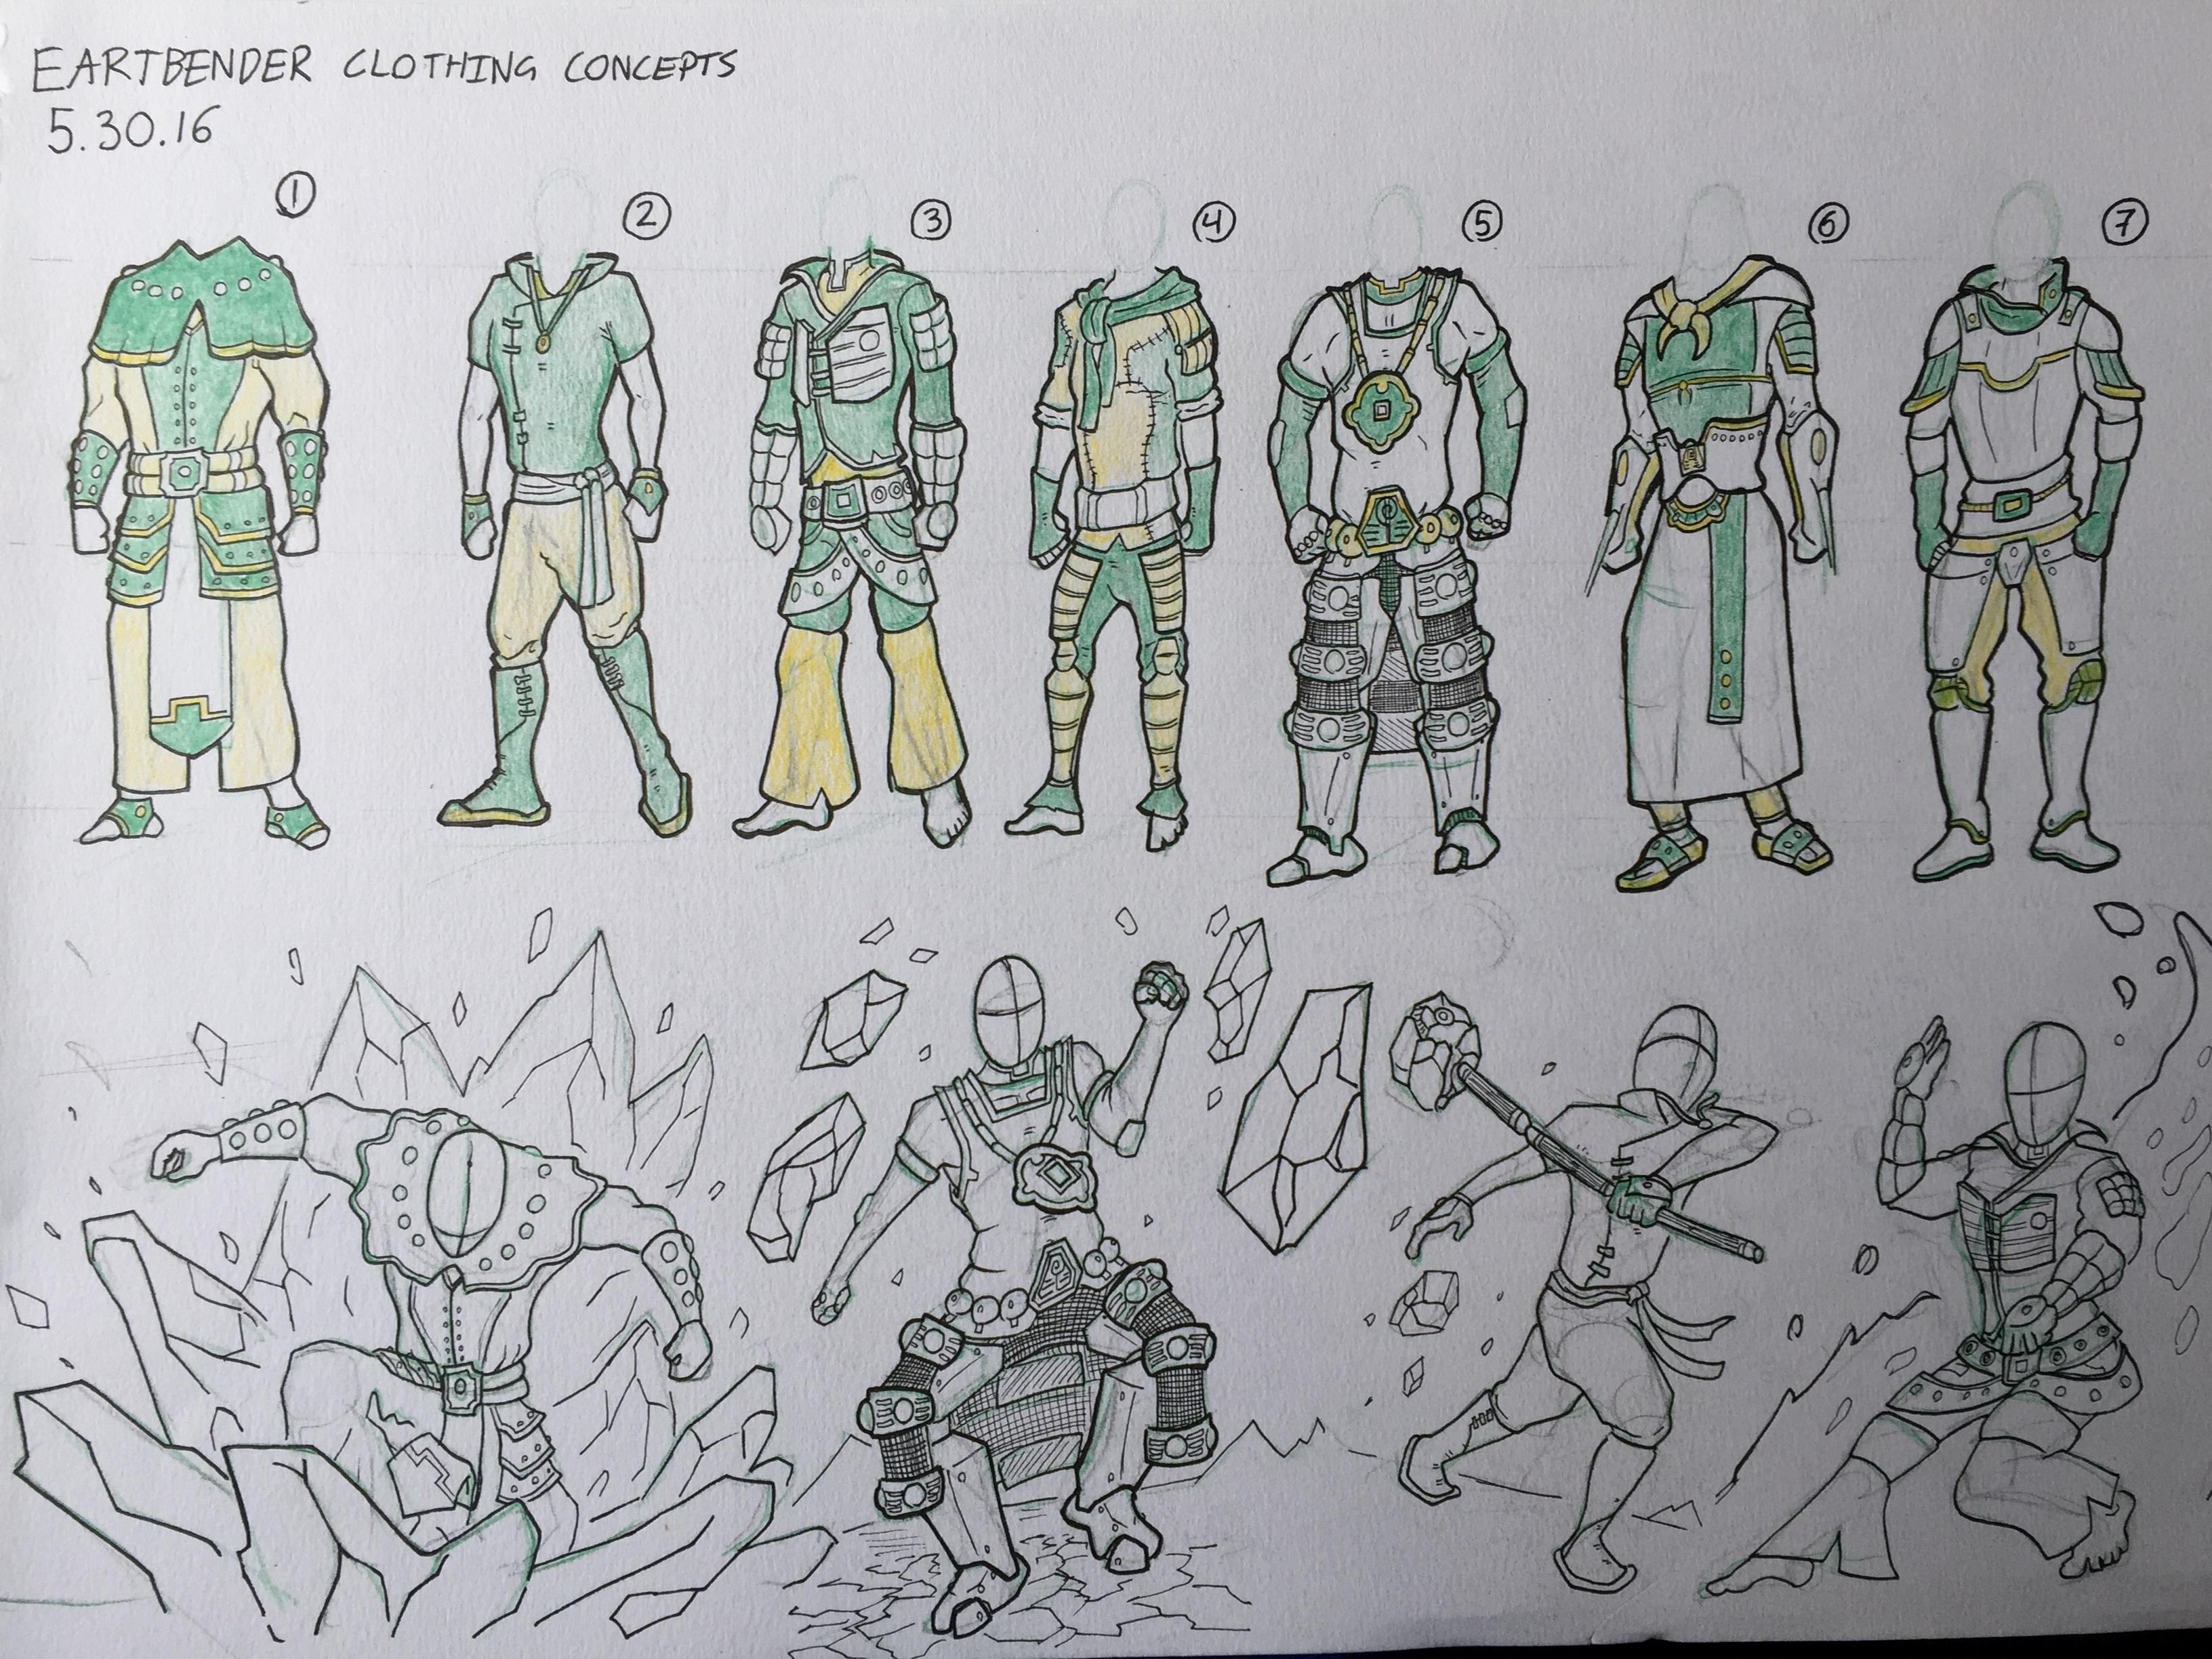 EarthBender Concept Design (Clothing)